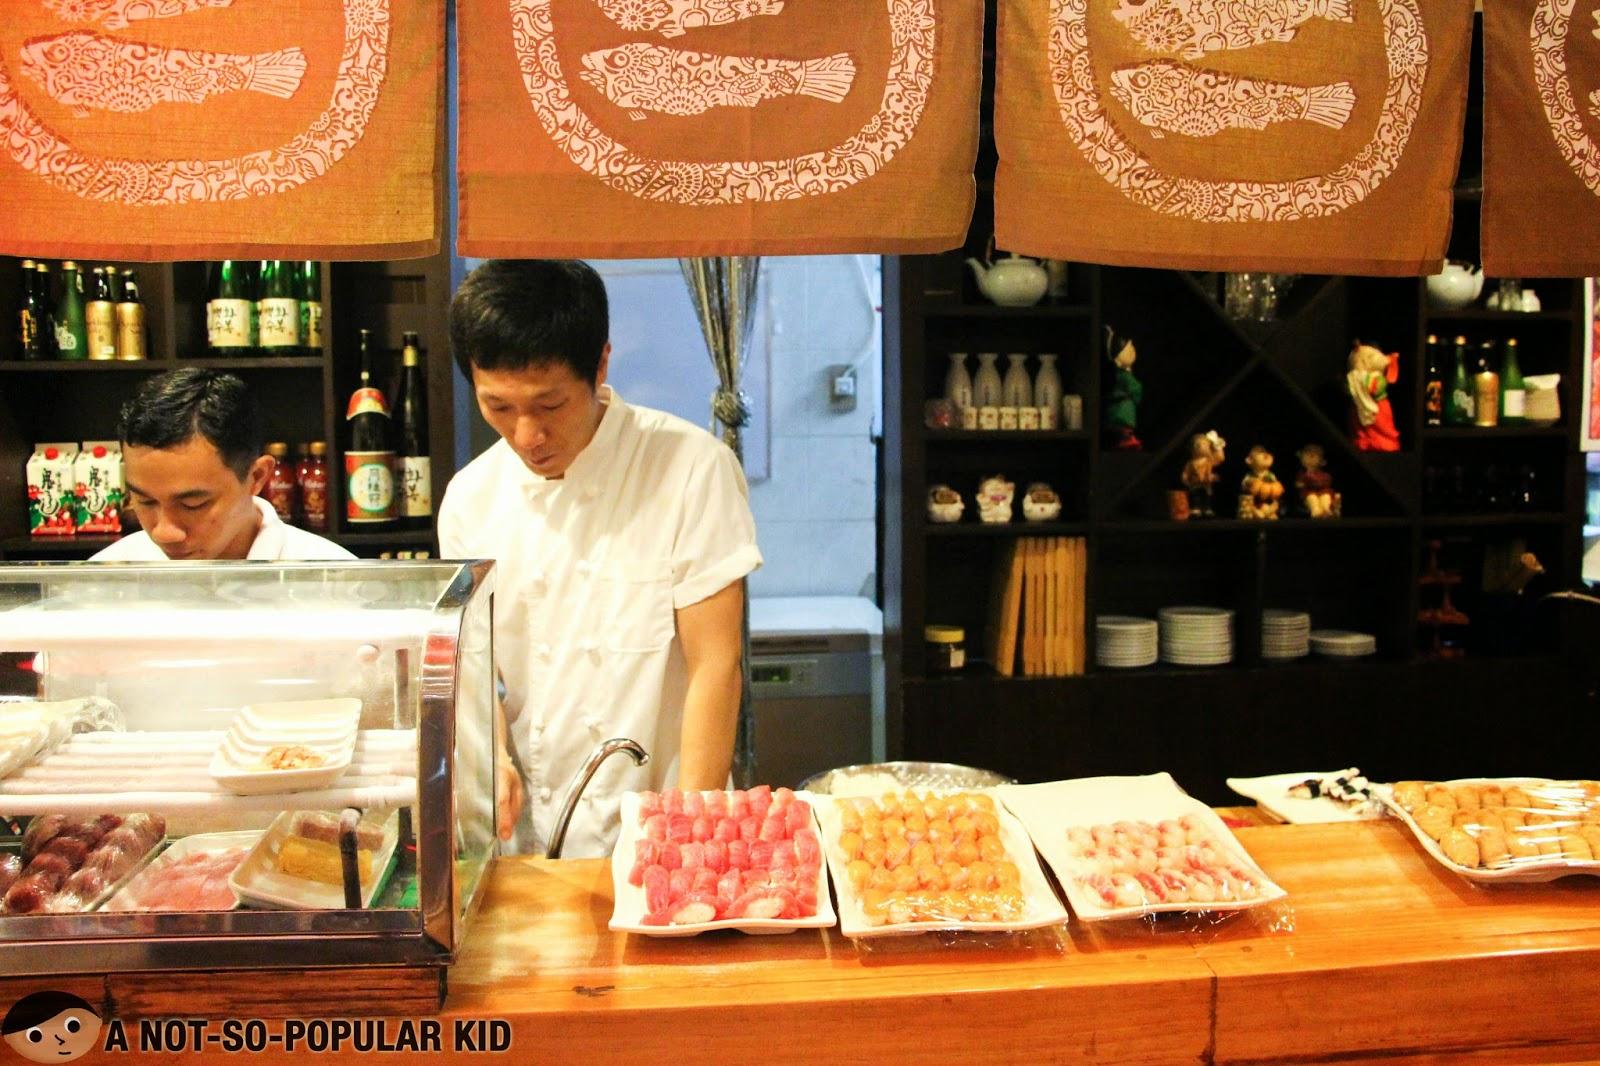 Mr. Park, Sushi Master of Genji-M in Makati